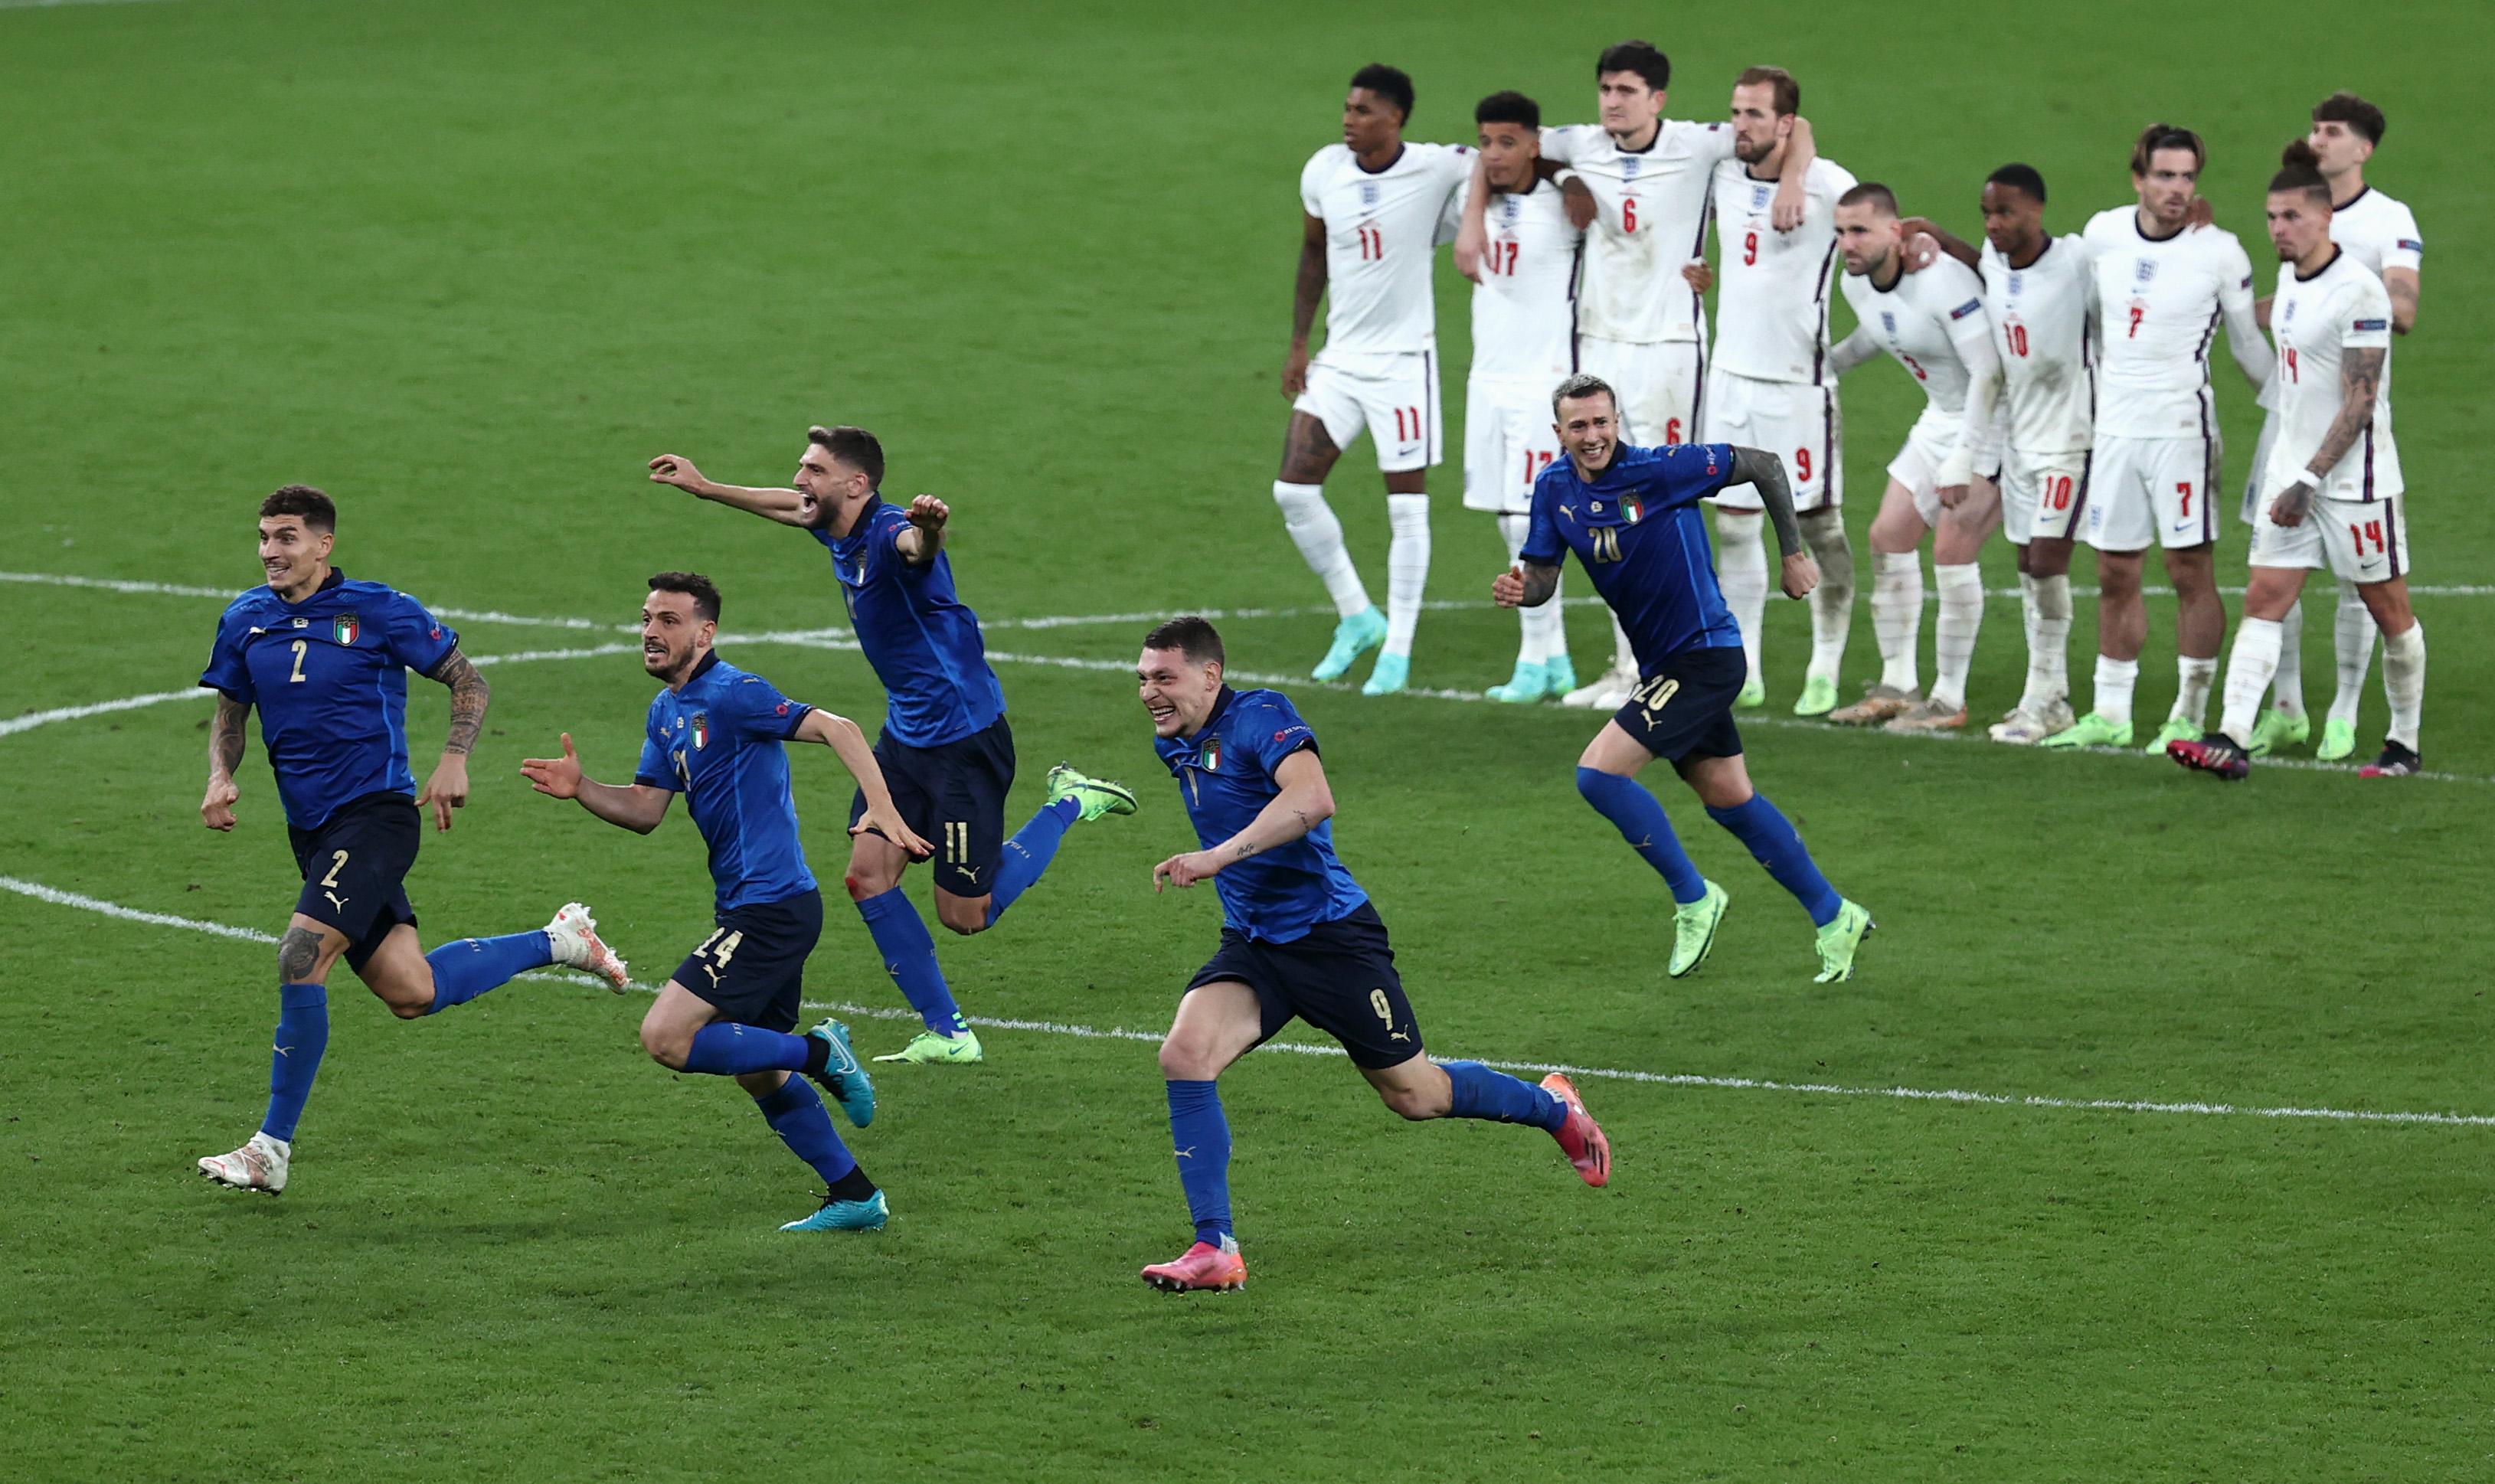 英格兰队只能目送意大利点球获胜。